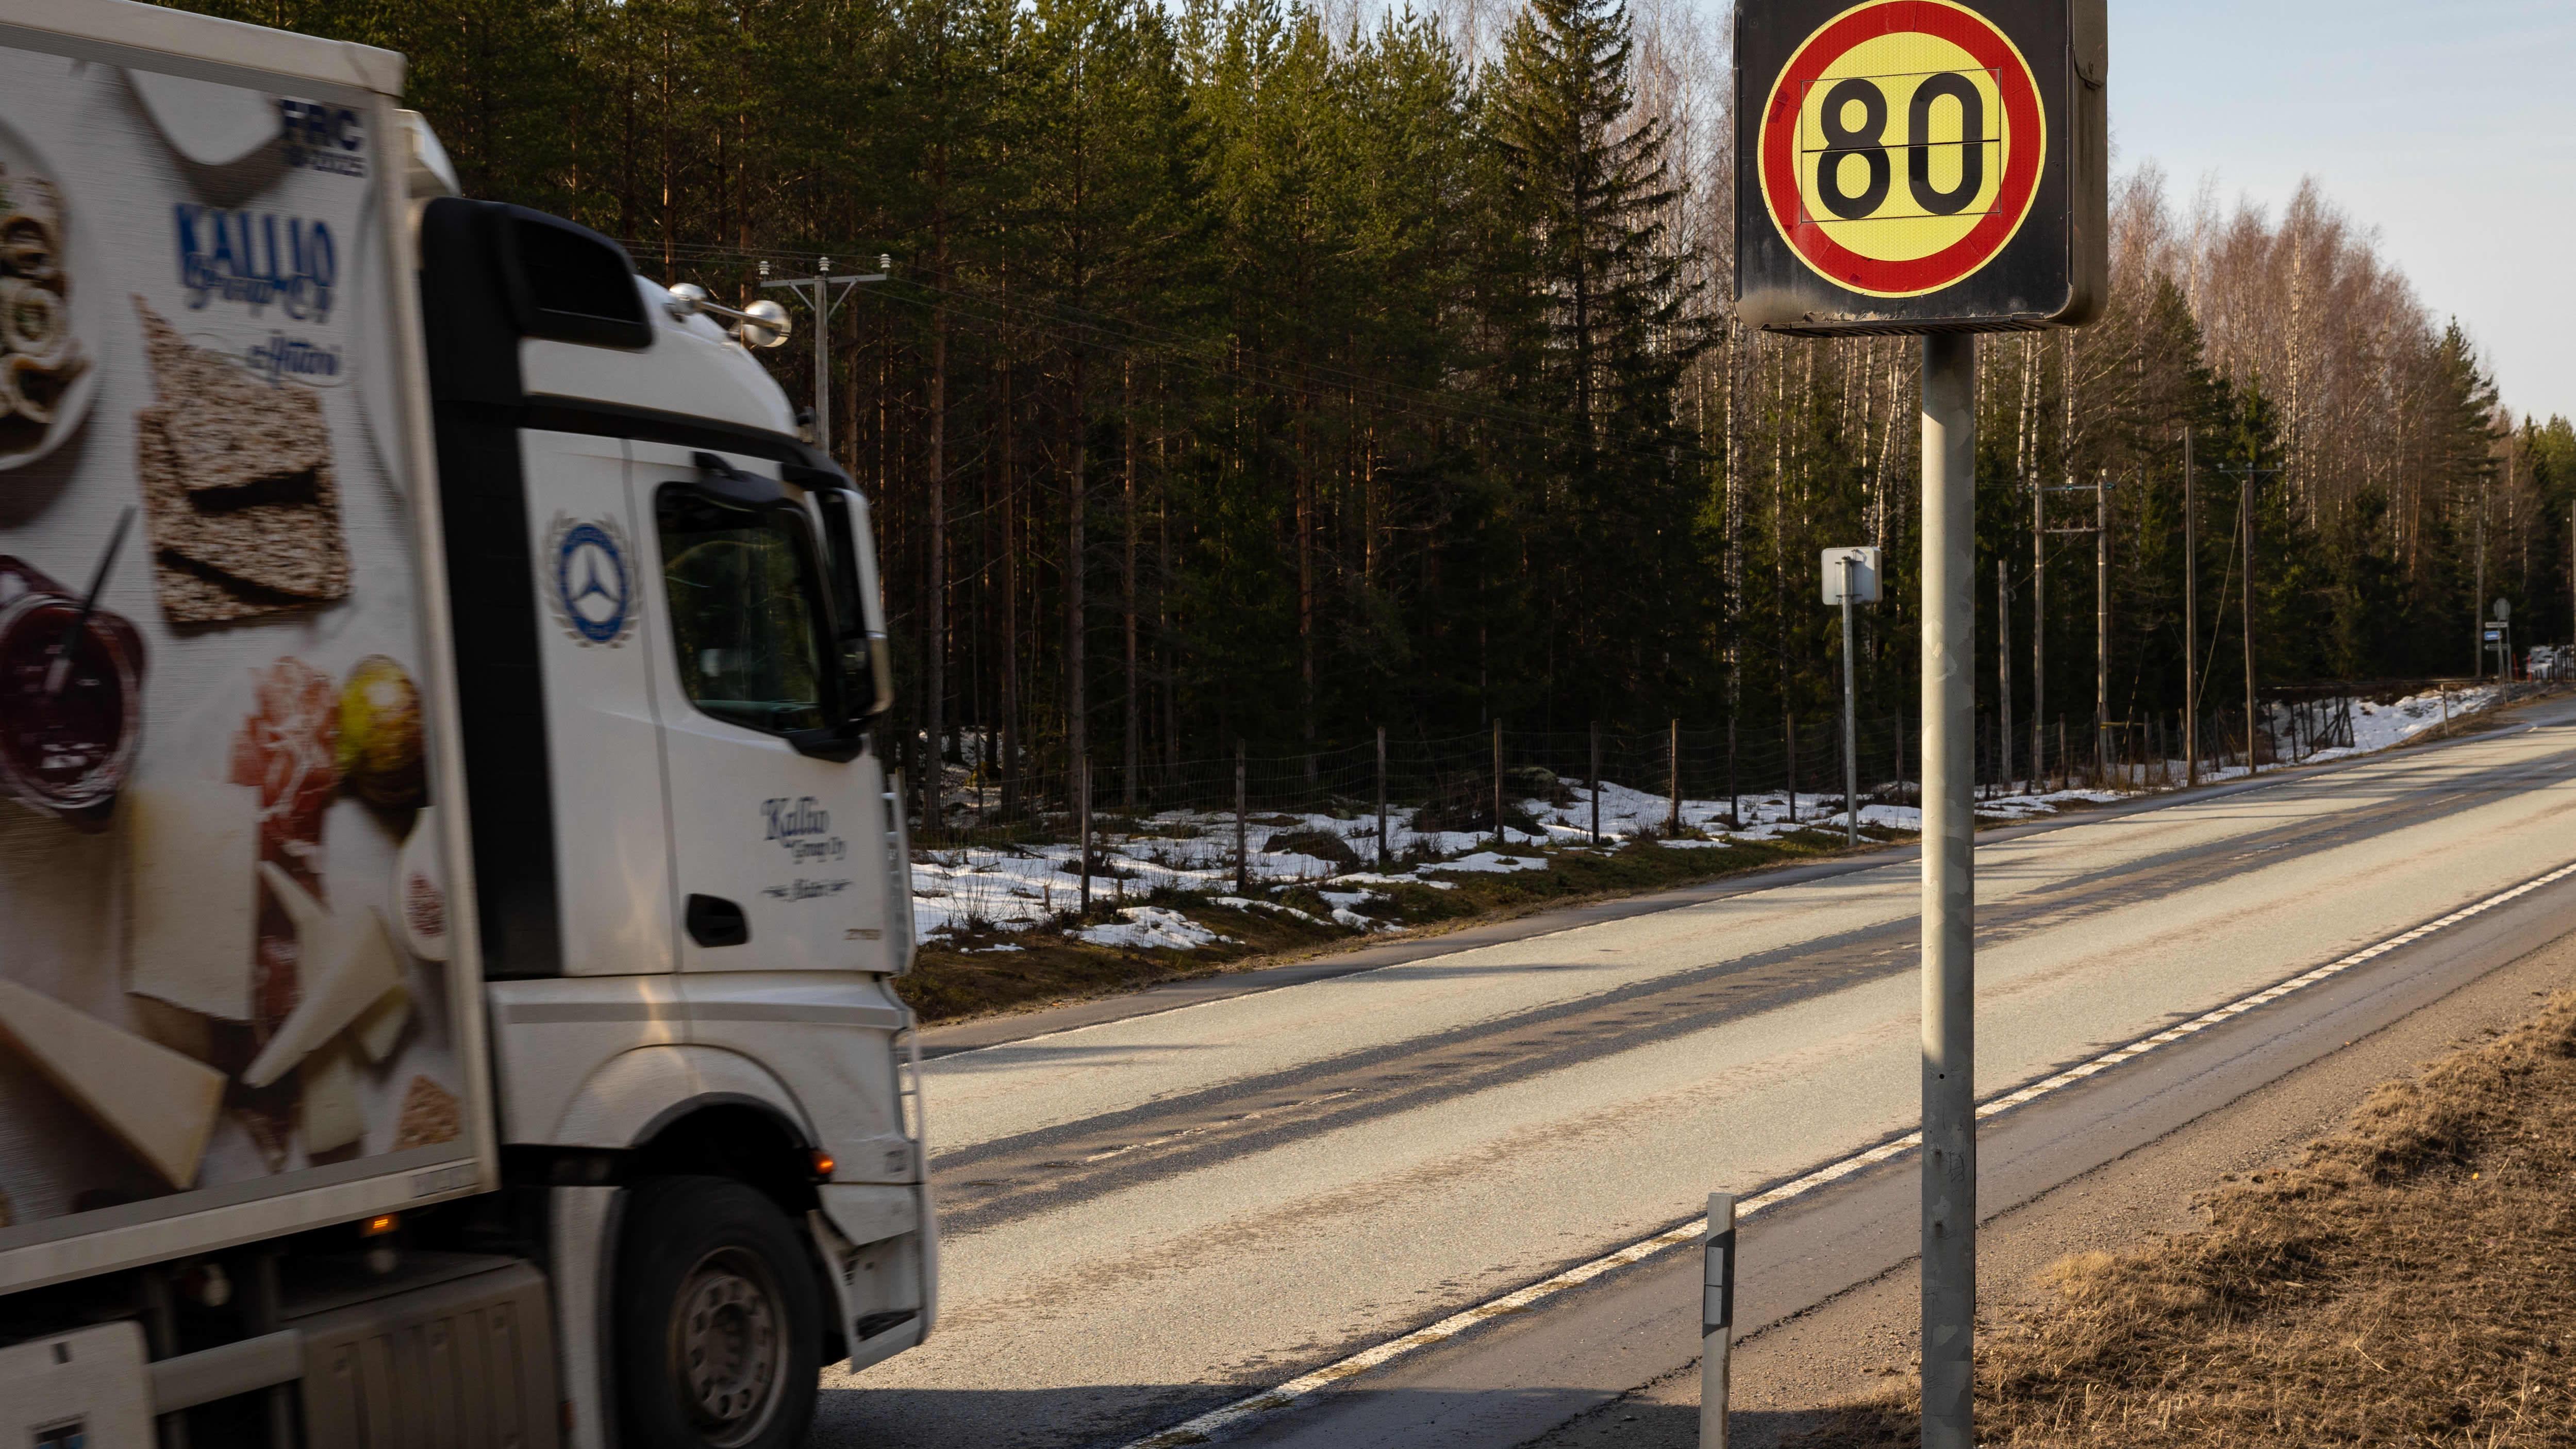 Liikennettä 9-tiellä ja nopeusrajoituskyltti